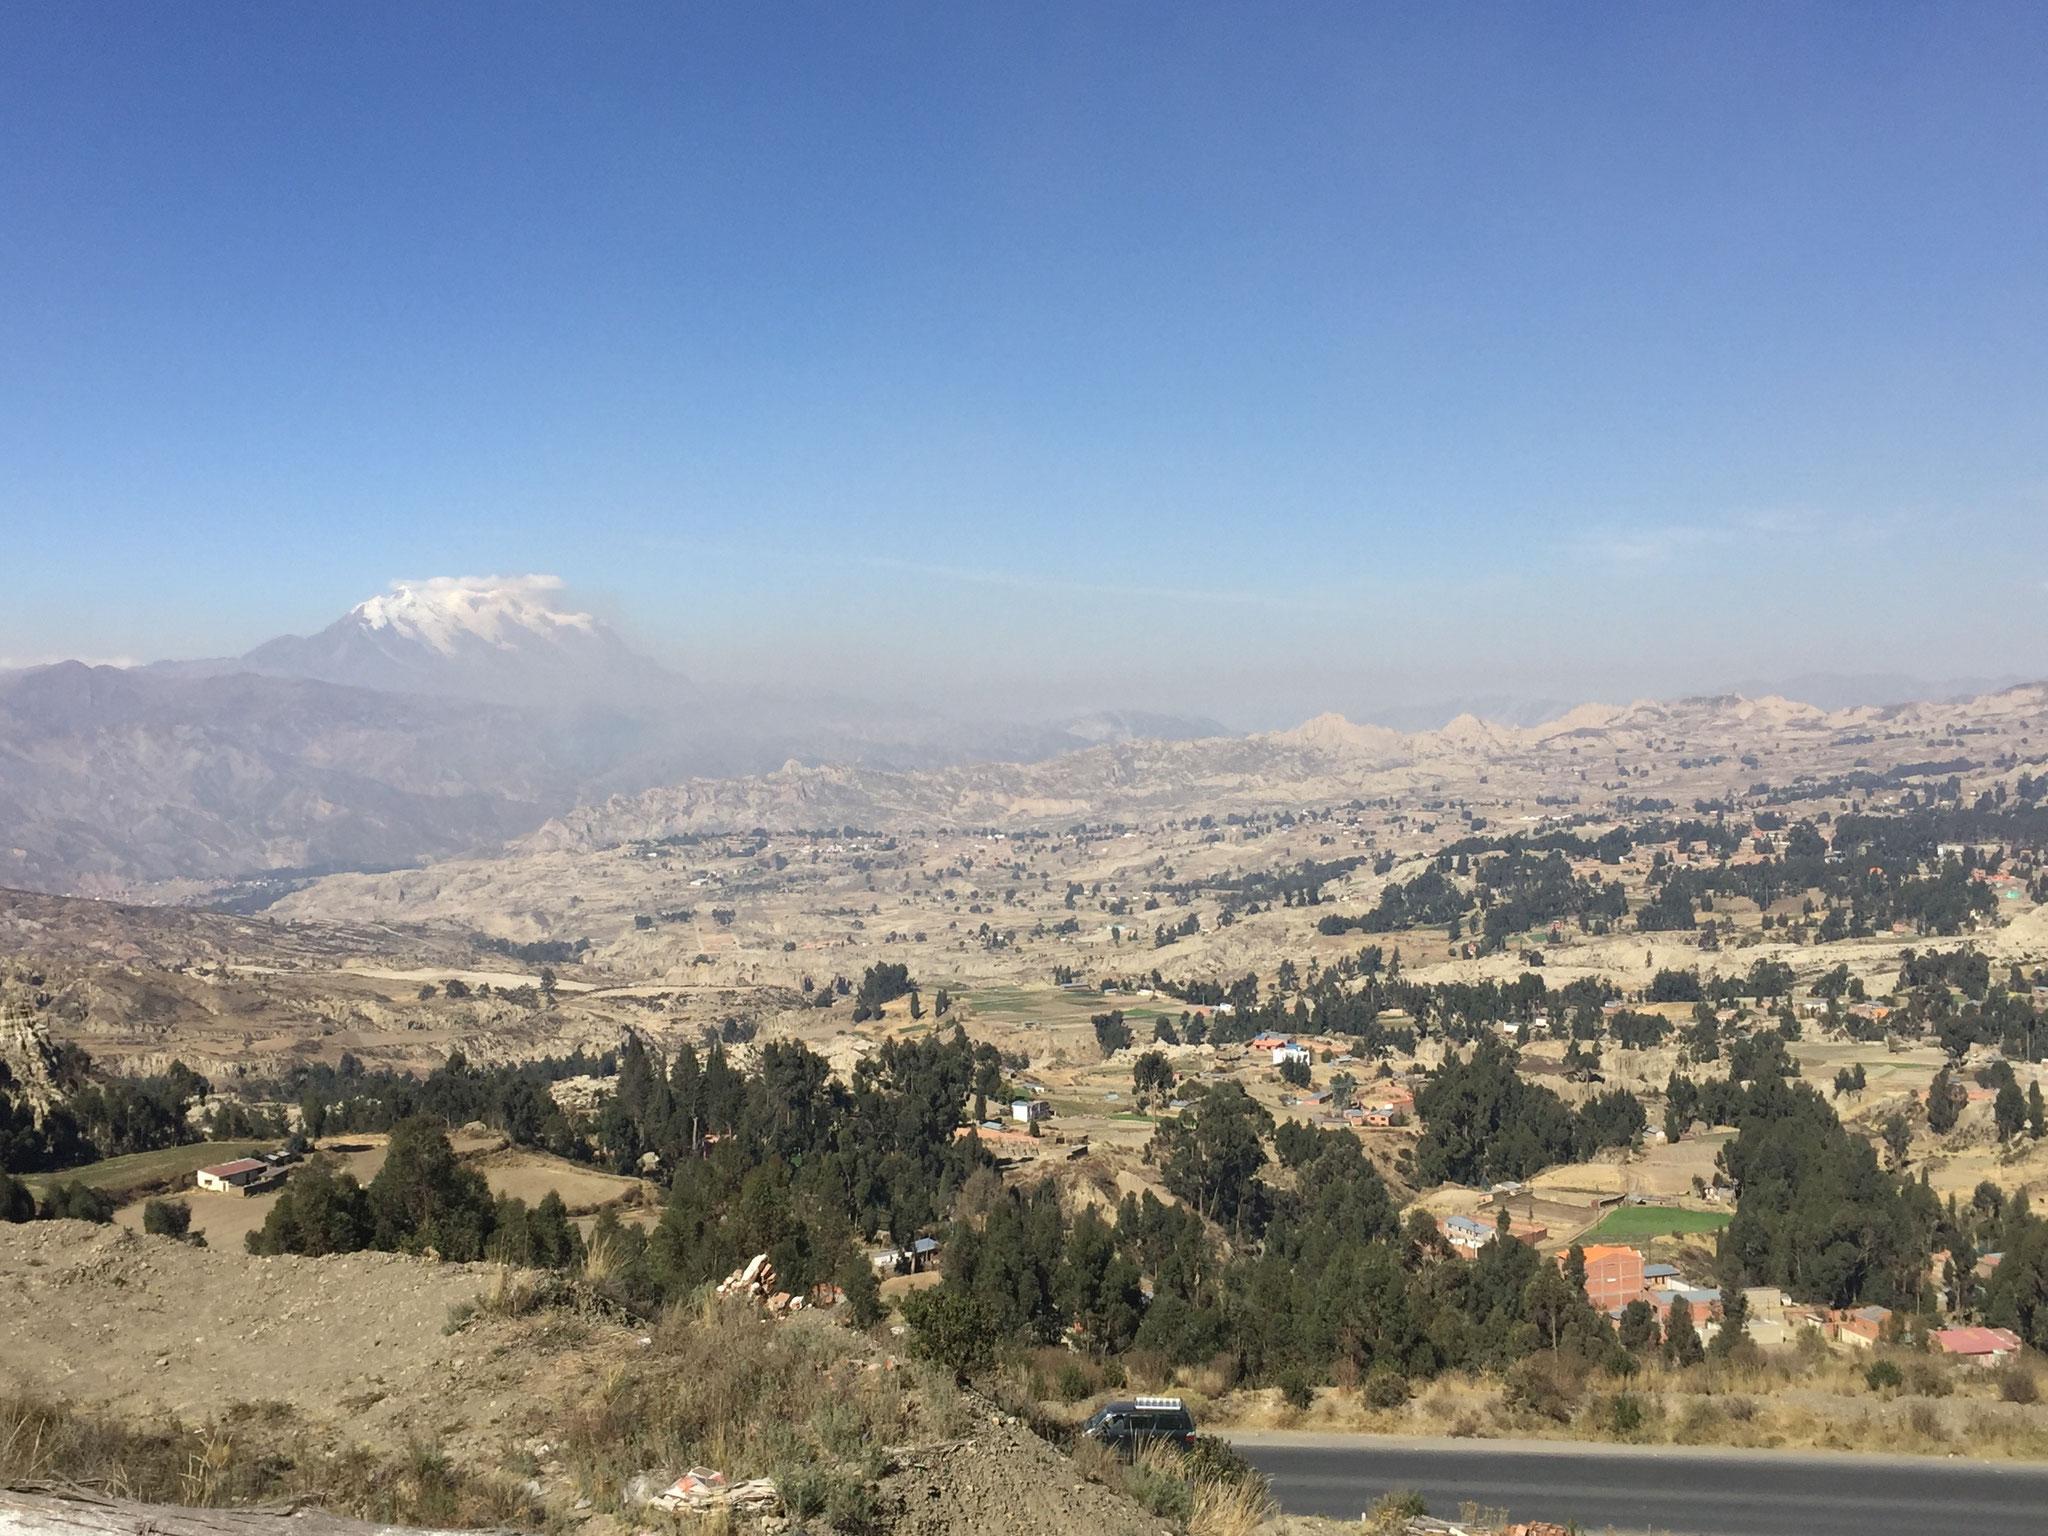 Richtung La Paz auf über 4000m